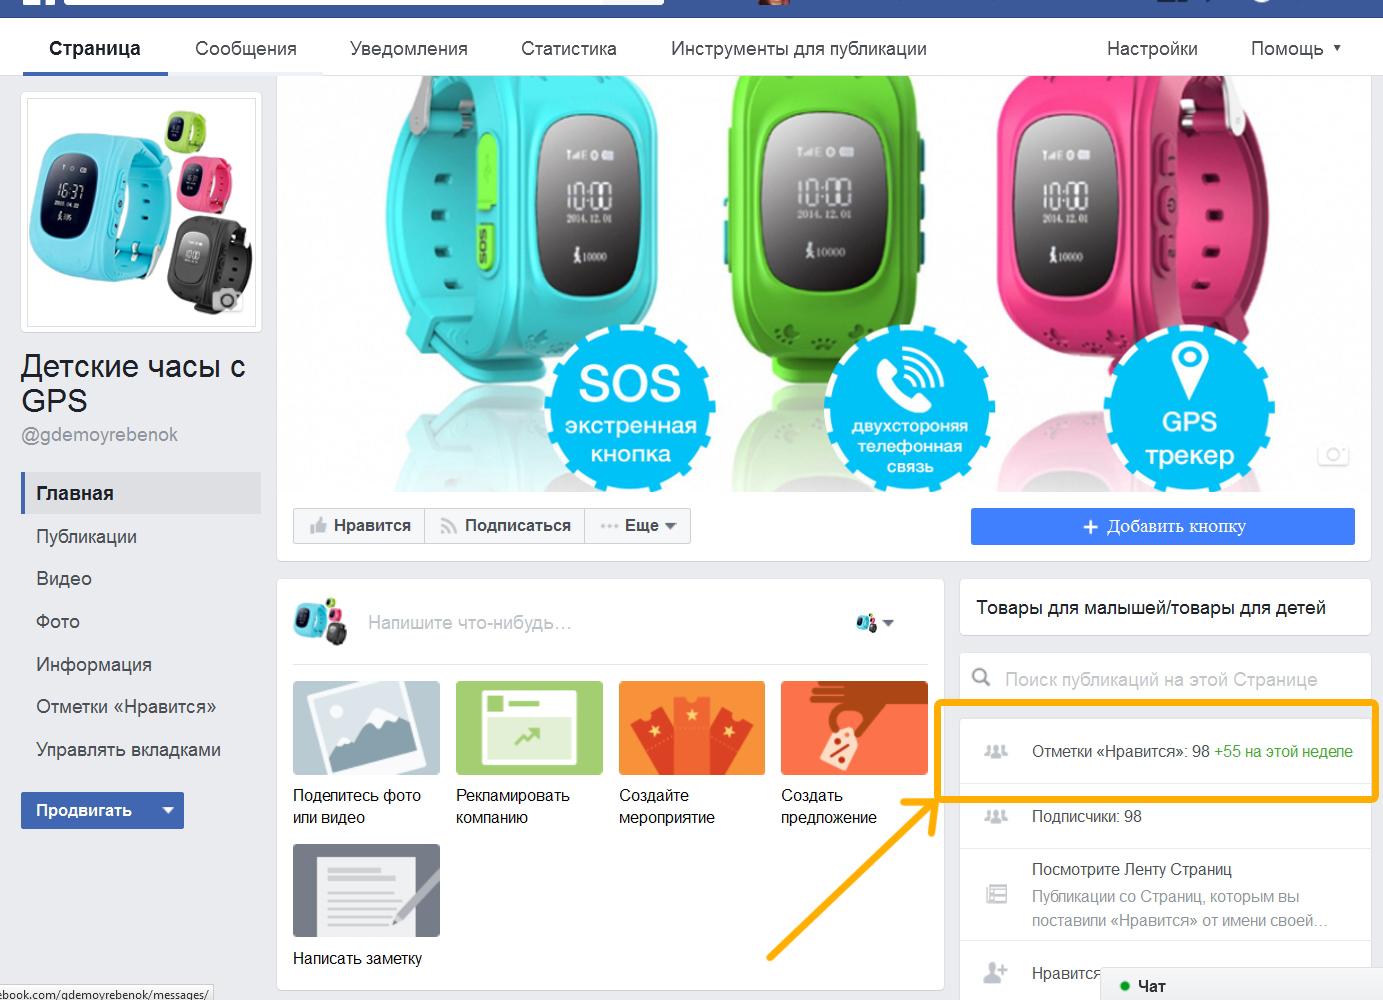 Очень маленькое количество пользователей, несмотря на большие бюджеты, которые подписались на страницу в Фейсбук, нажав на кнопку «нравится».